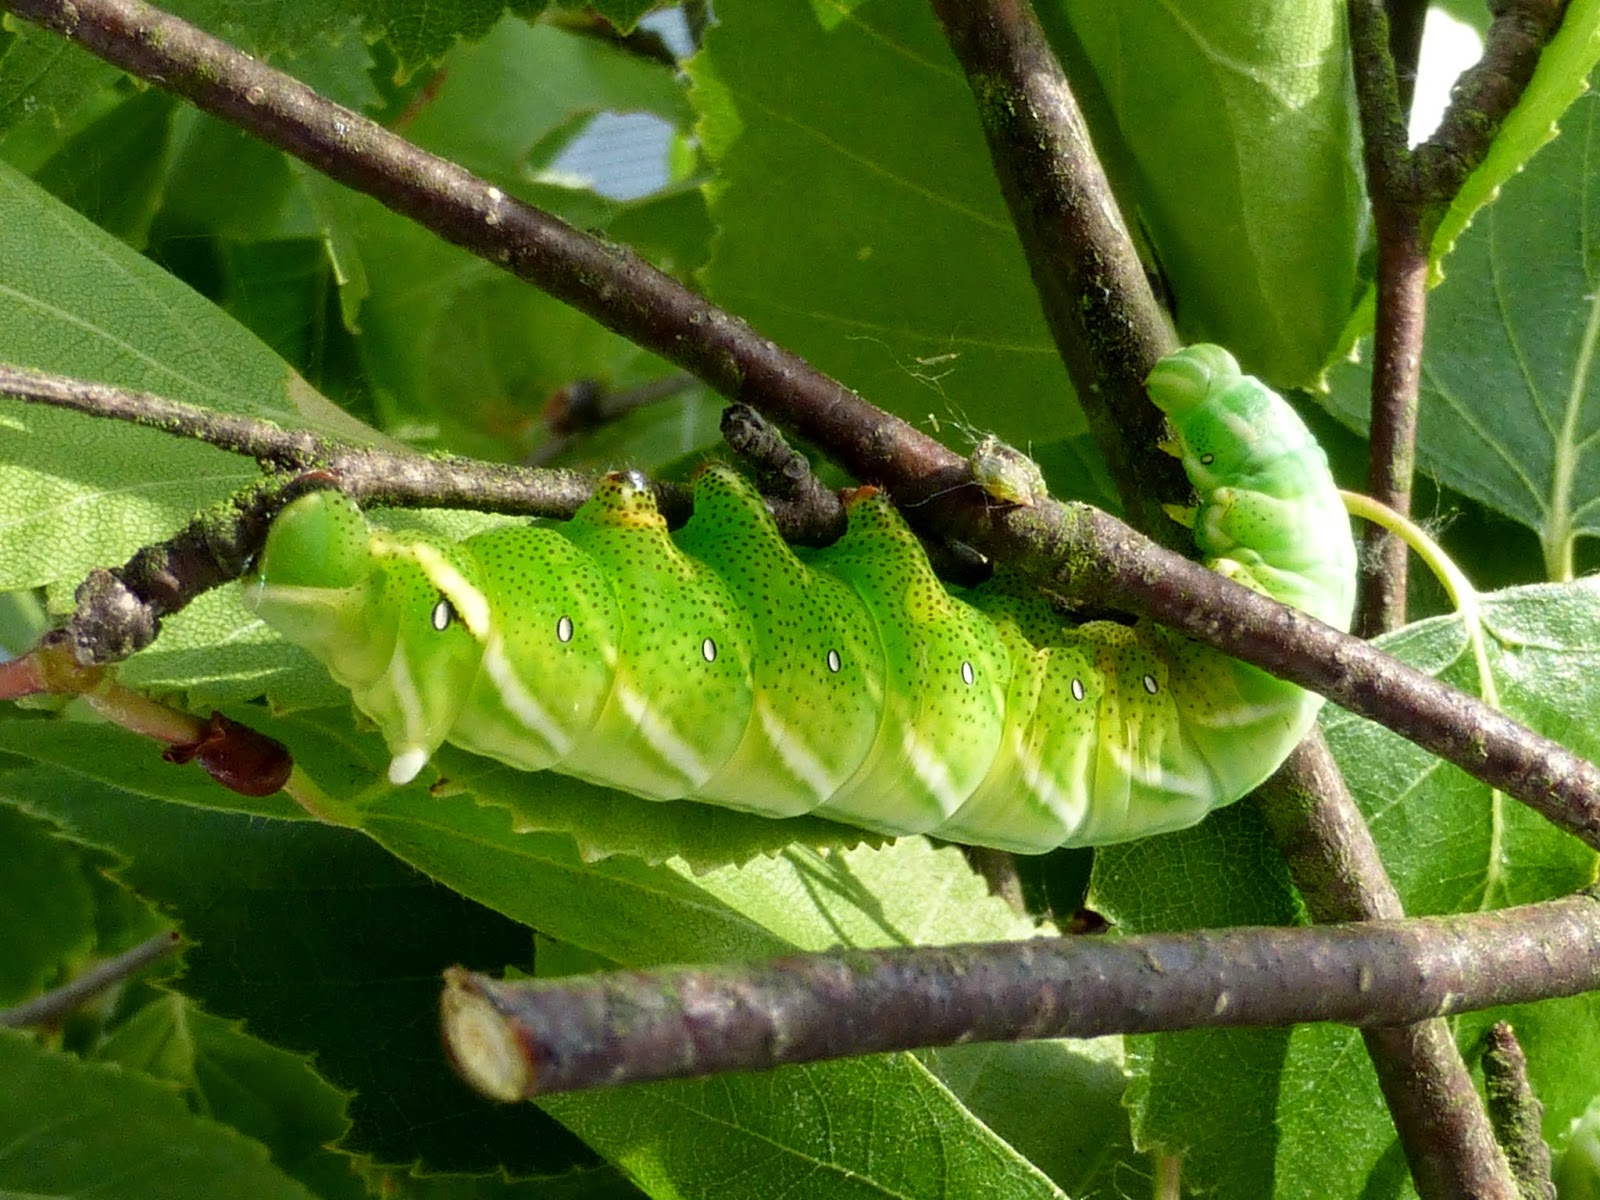 Endromis versicolora L5 caterpillar